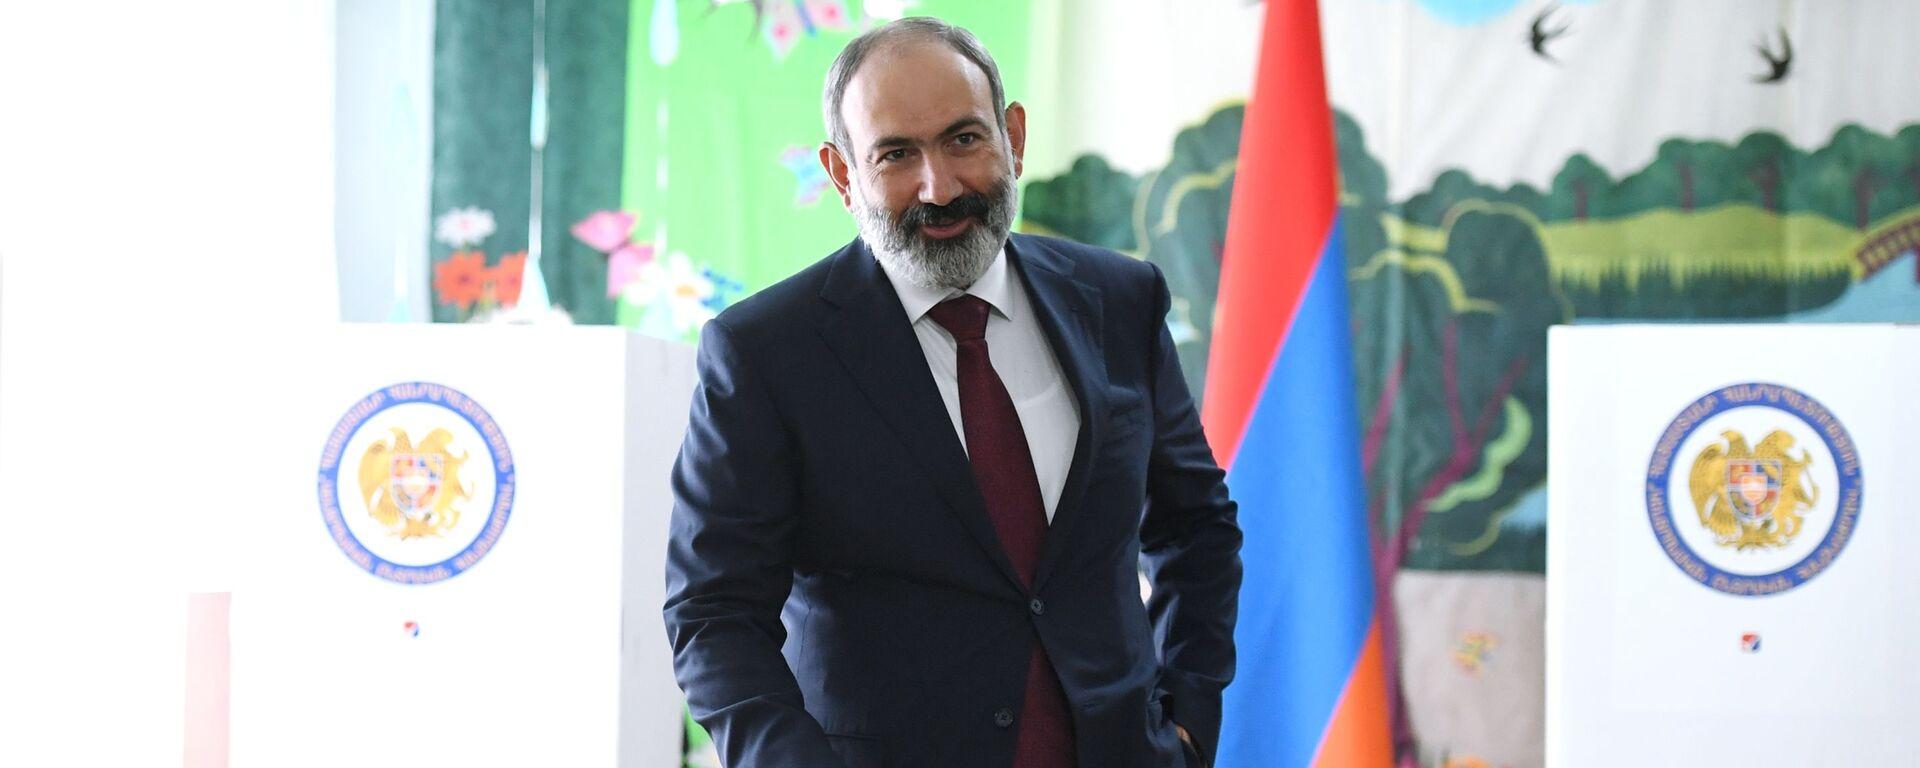 Nikola Paszinian głosuje w przedterminowych wyborach parlamentarnych w Armenii.  - Sputnik Polska, 1920, 29.06.2021